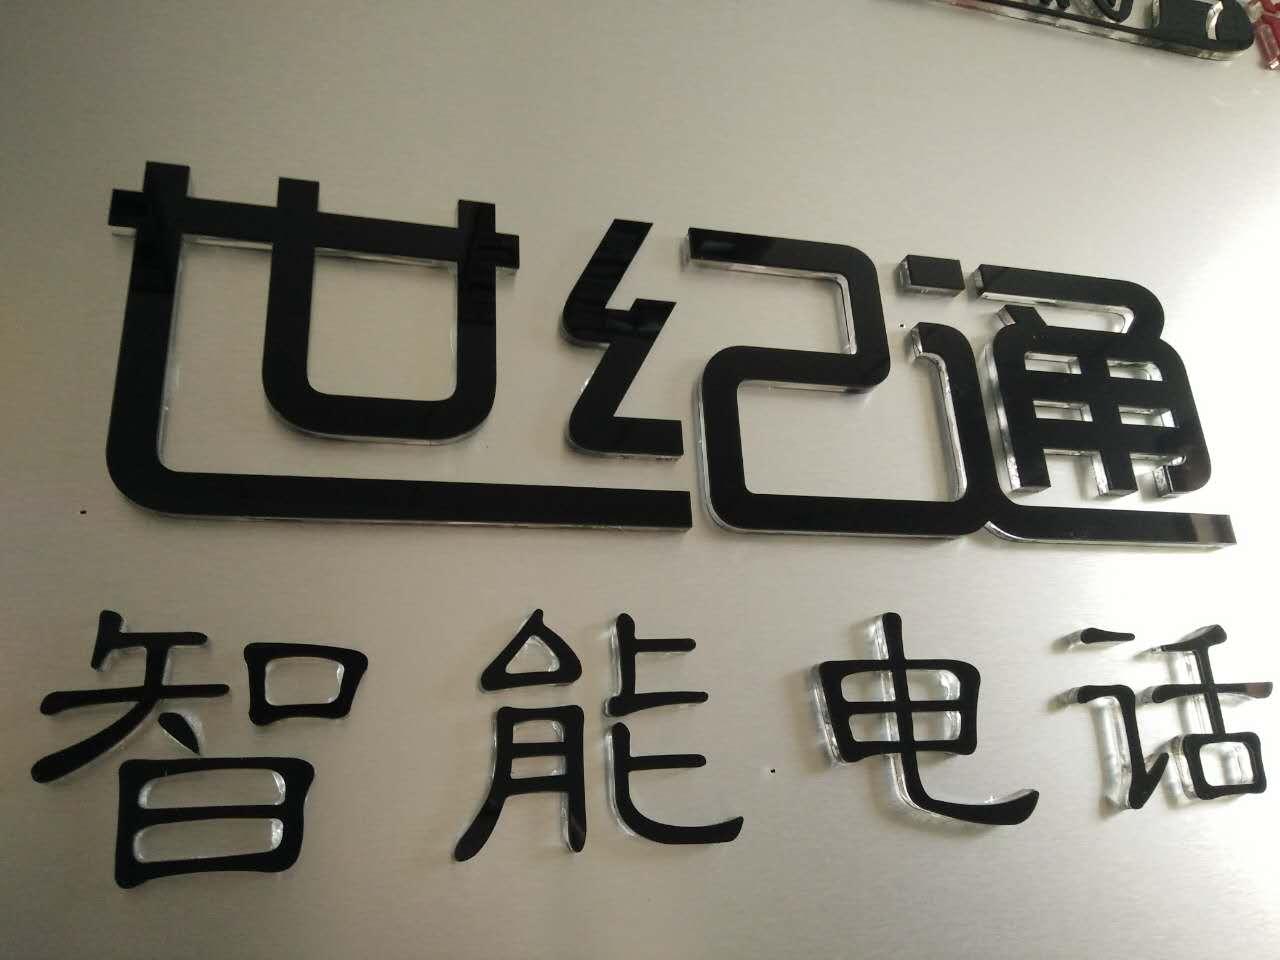 浙江飞麦网络科技有限公司